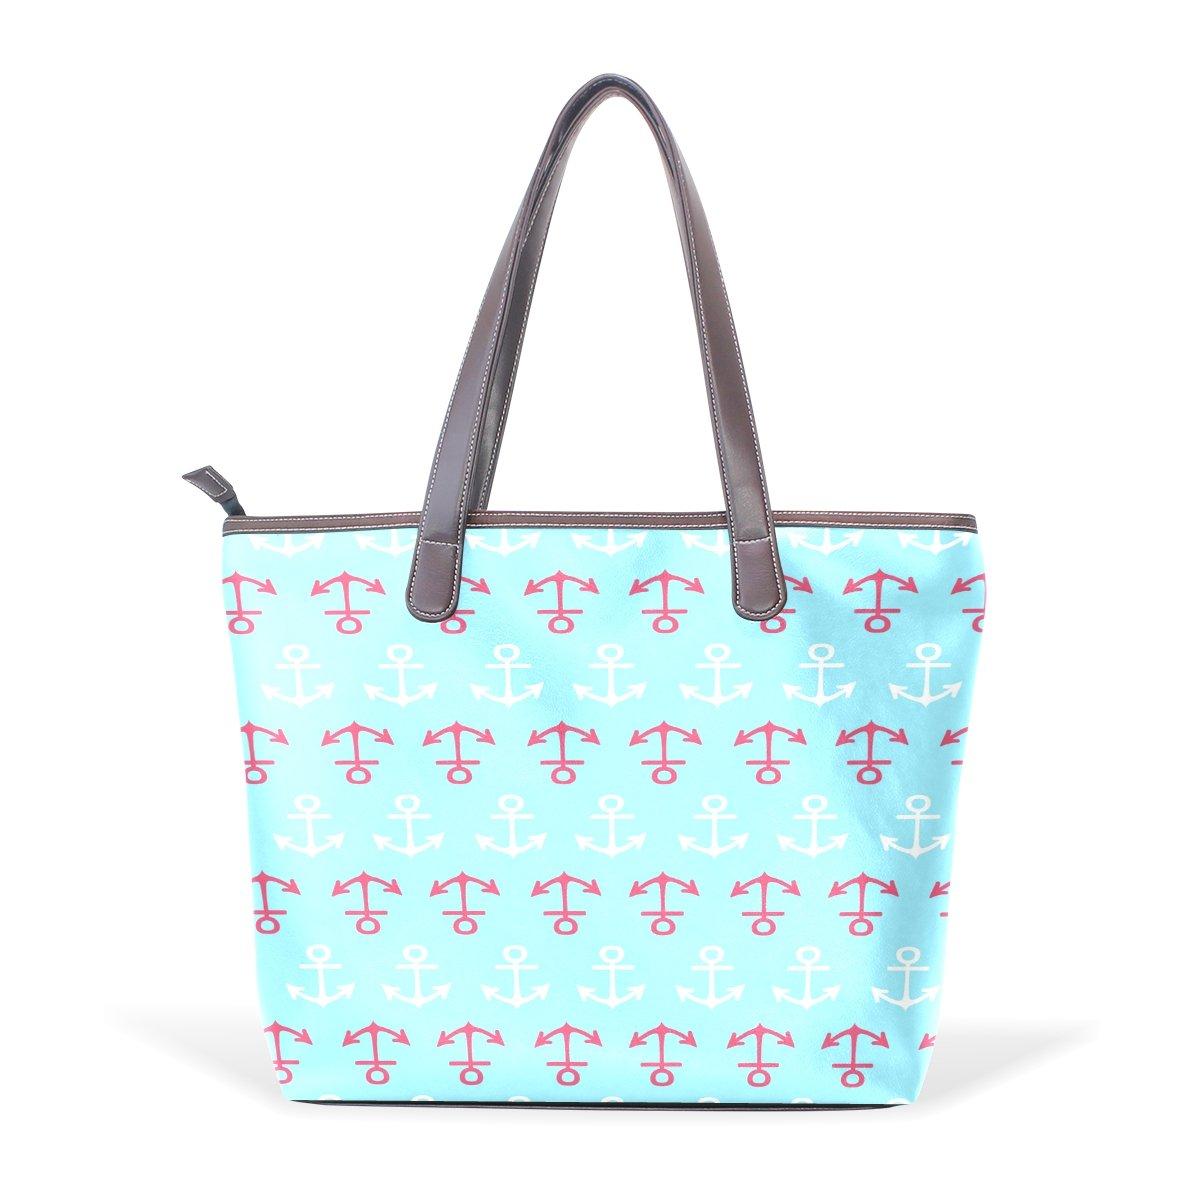 Mr.Weng Household Navy Anchor Lady Handbag Tote Bag Zipper Shoulder Bag